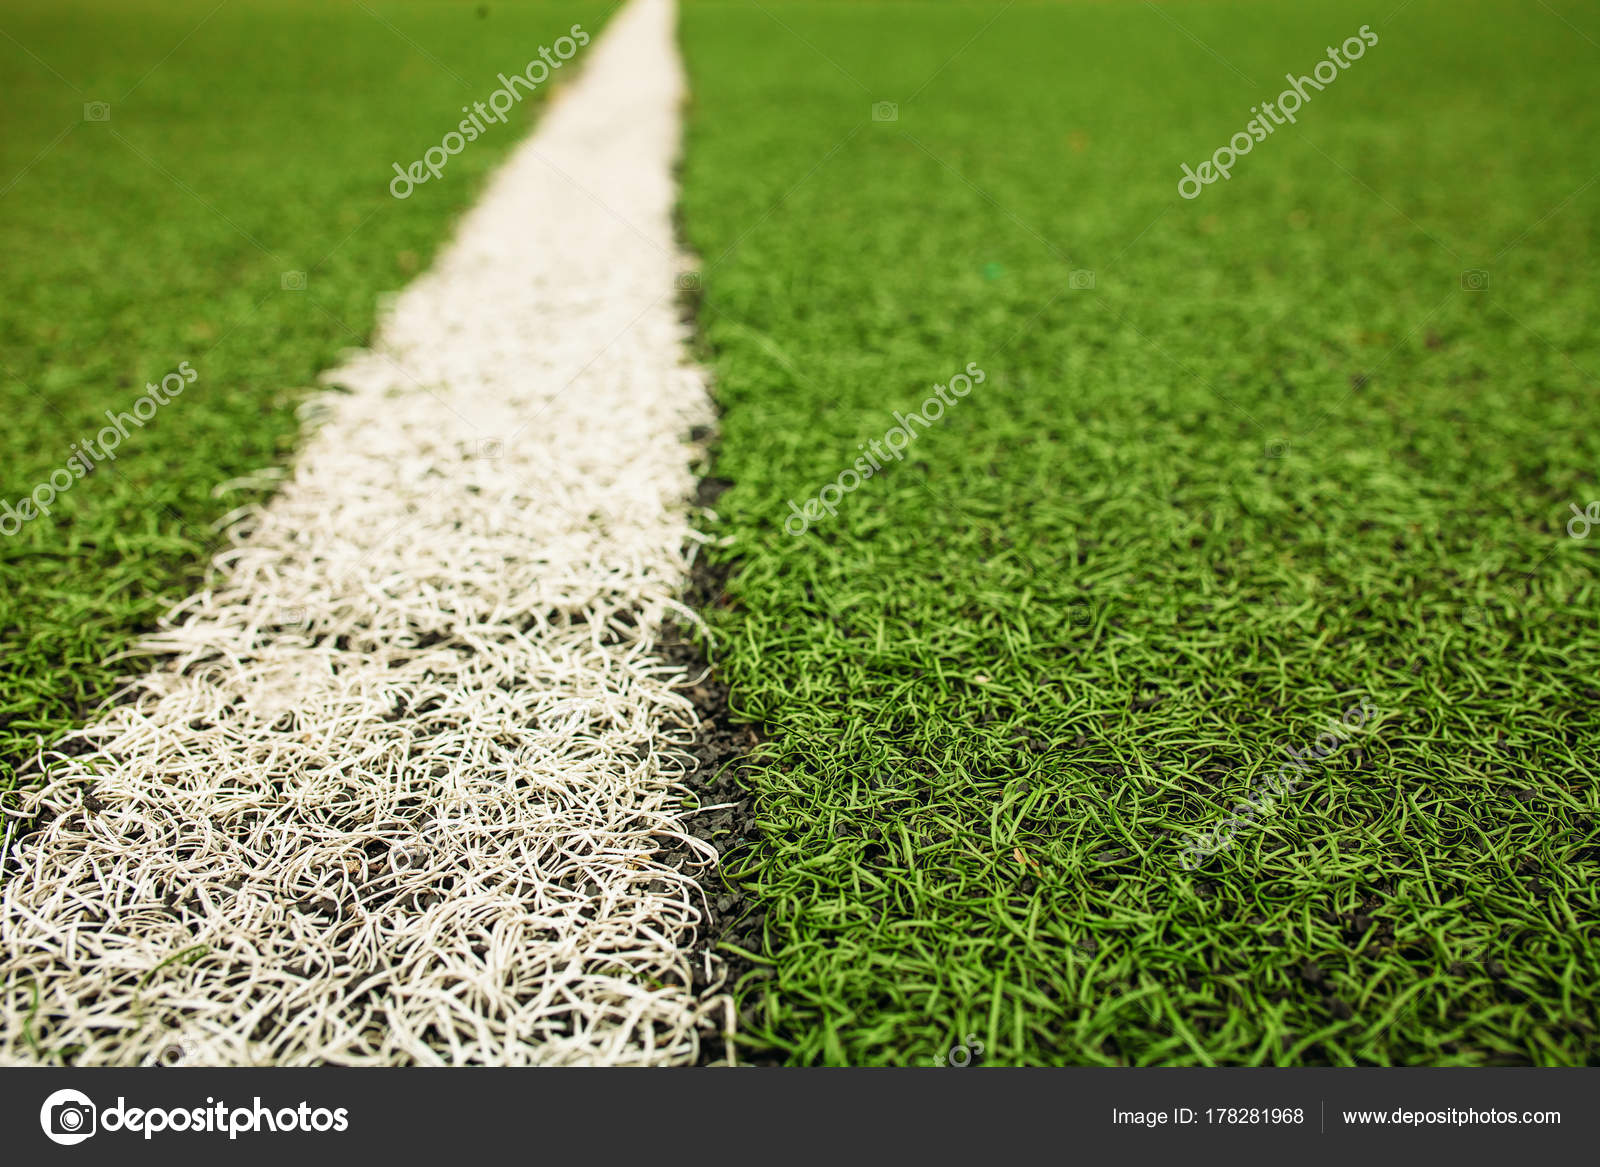 Campo de fútbol de césped artificial verde. La línea blanca en un ...